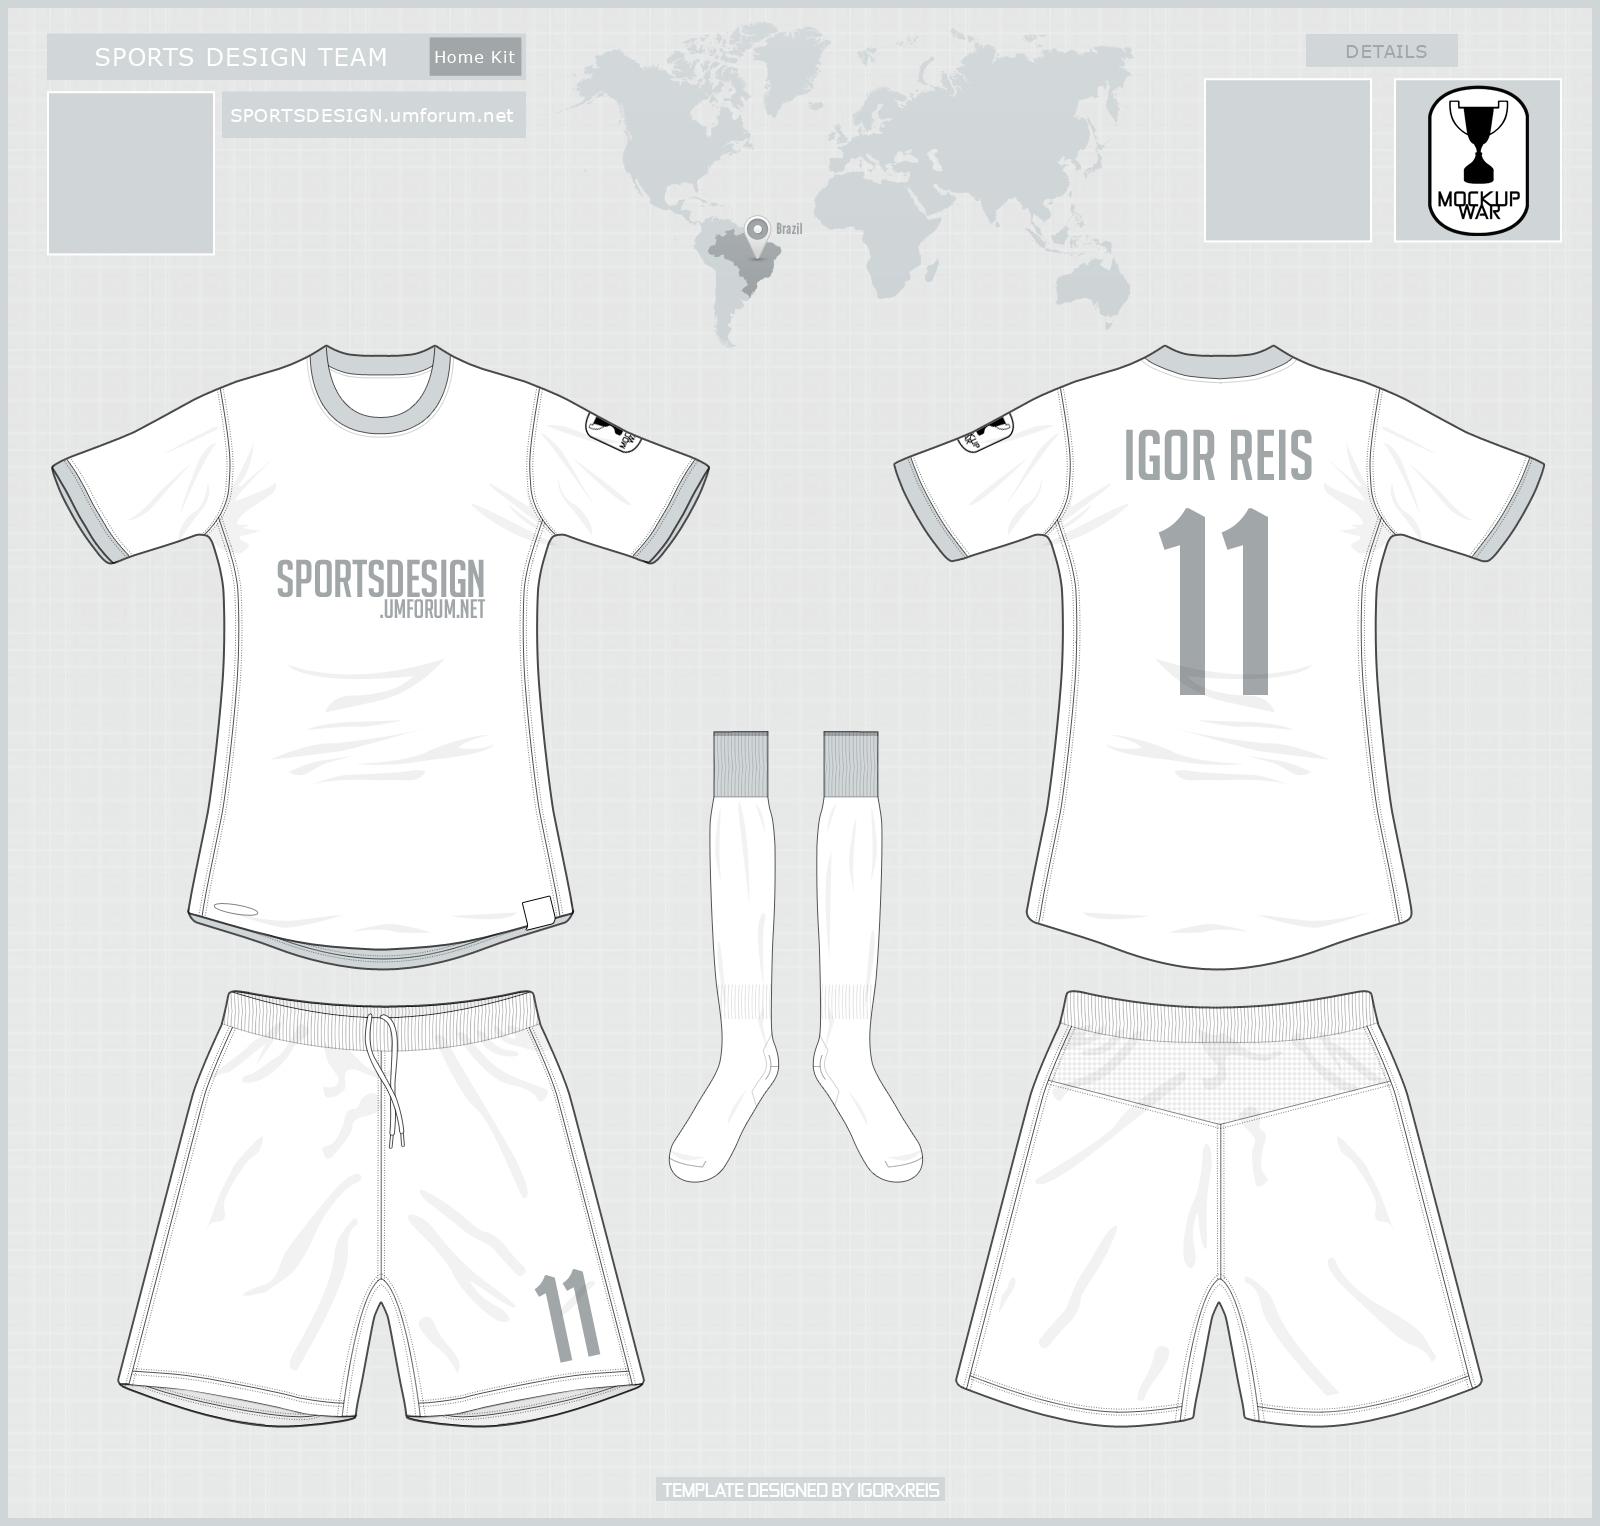 Oficial Template Sports Design by IGORxREIS